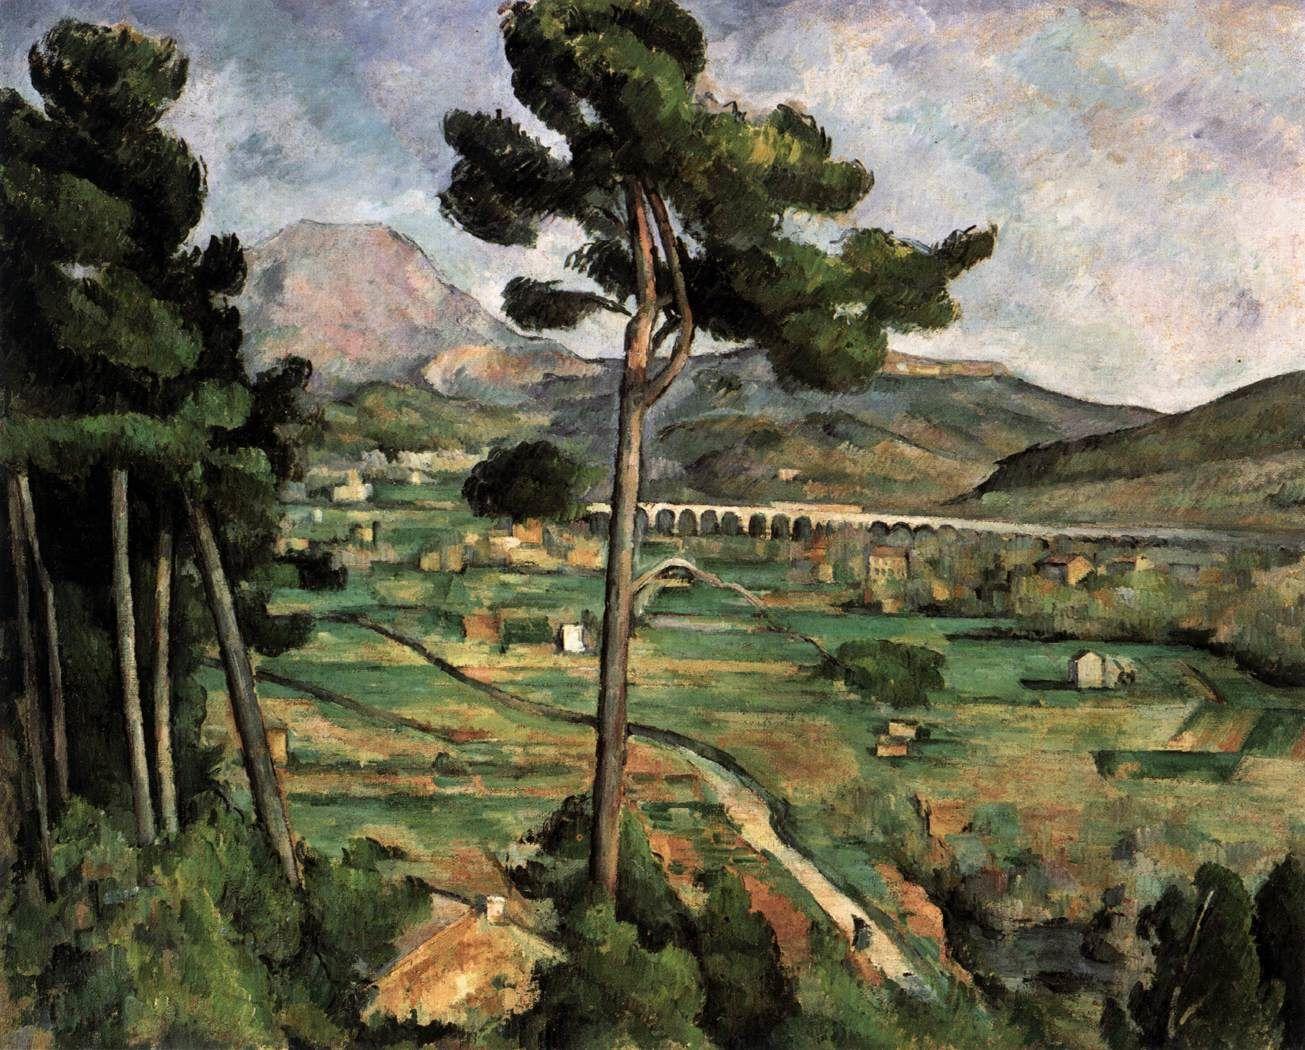 Montagne Sainte-Victoire et Viaduc sur la vallée de l'Arc, Paul Cézanne